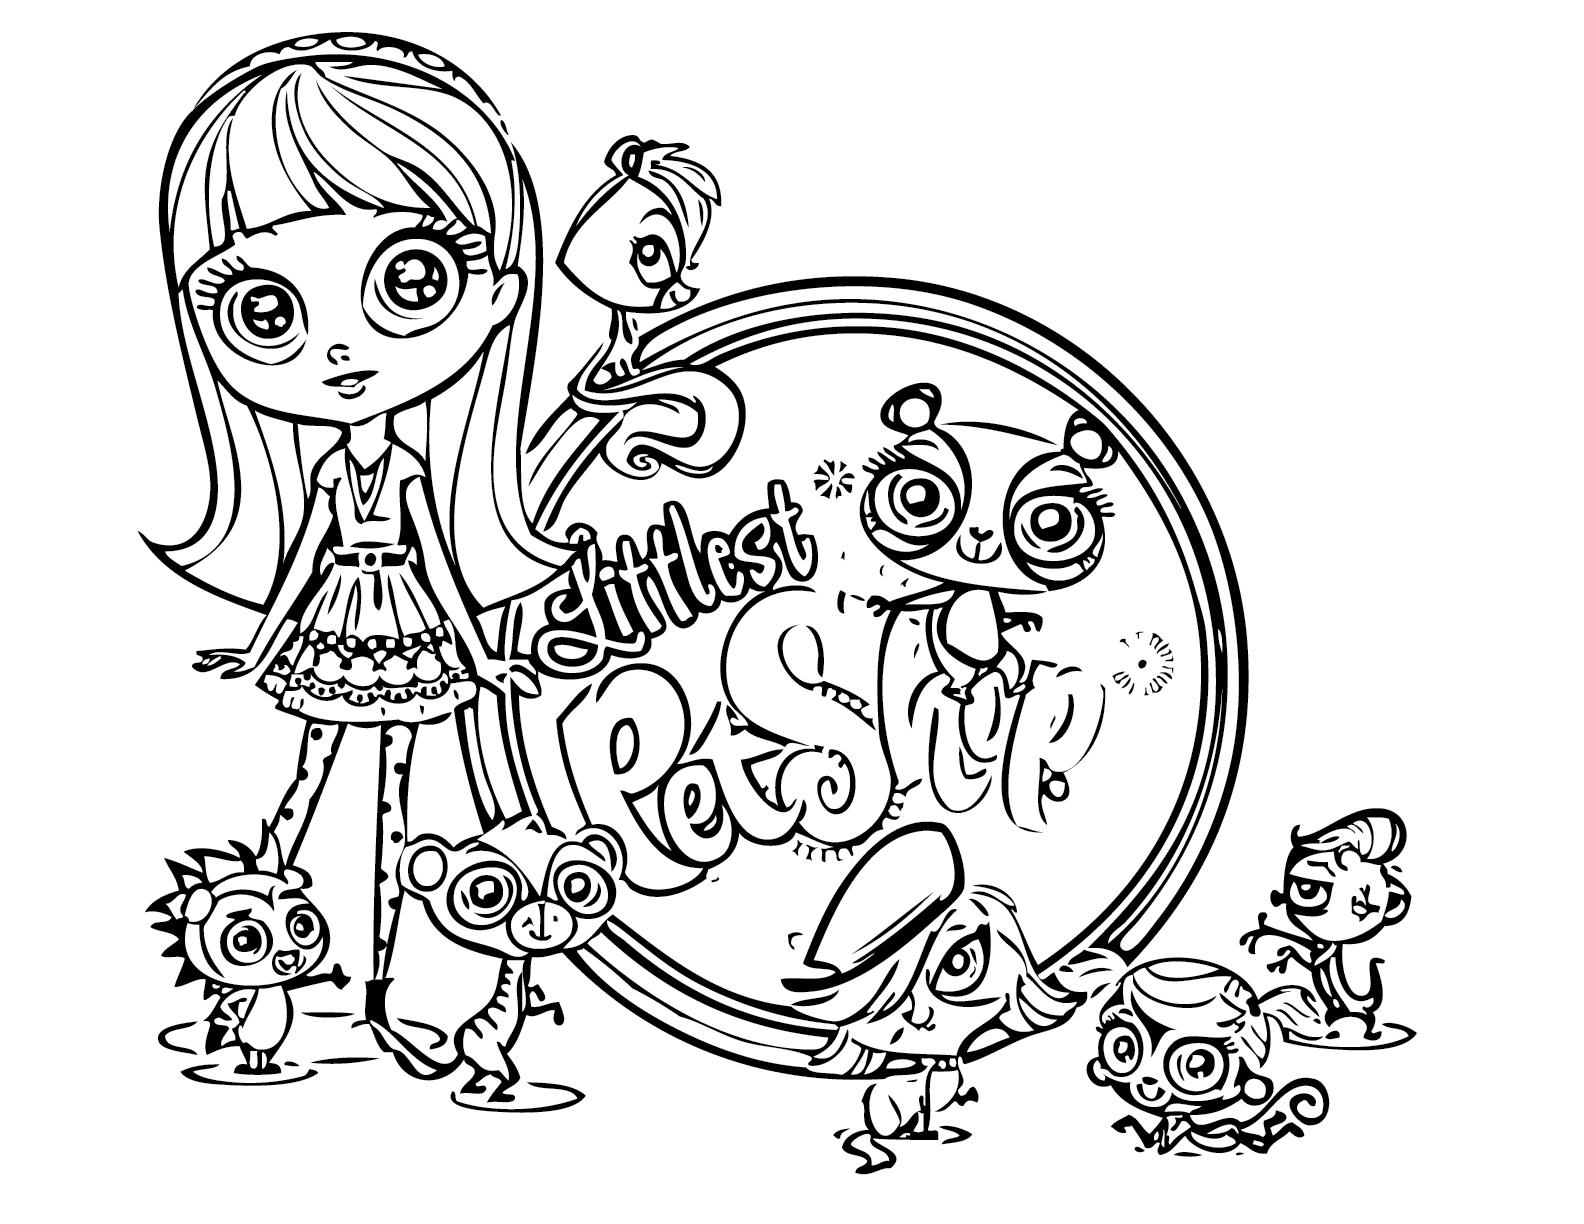 littlest pet shop coloring pages photo - 1